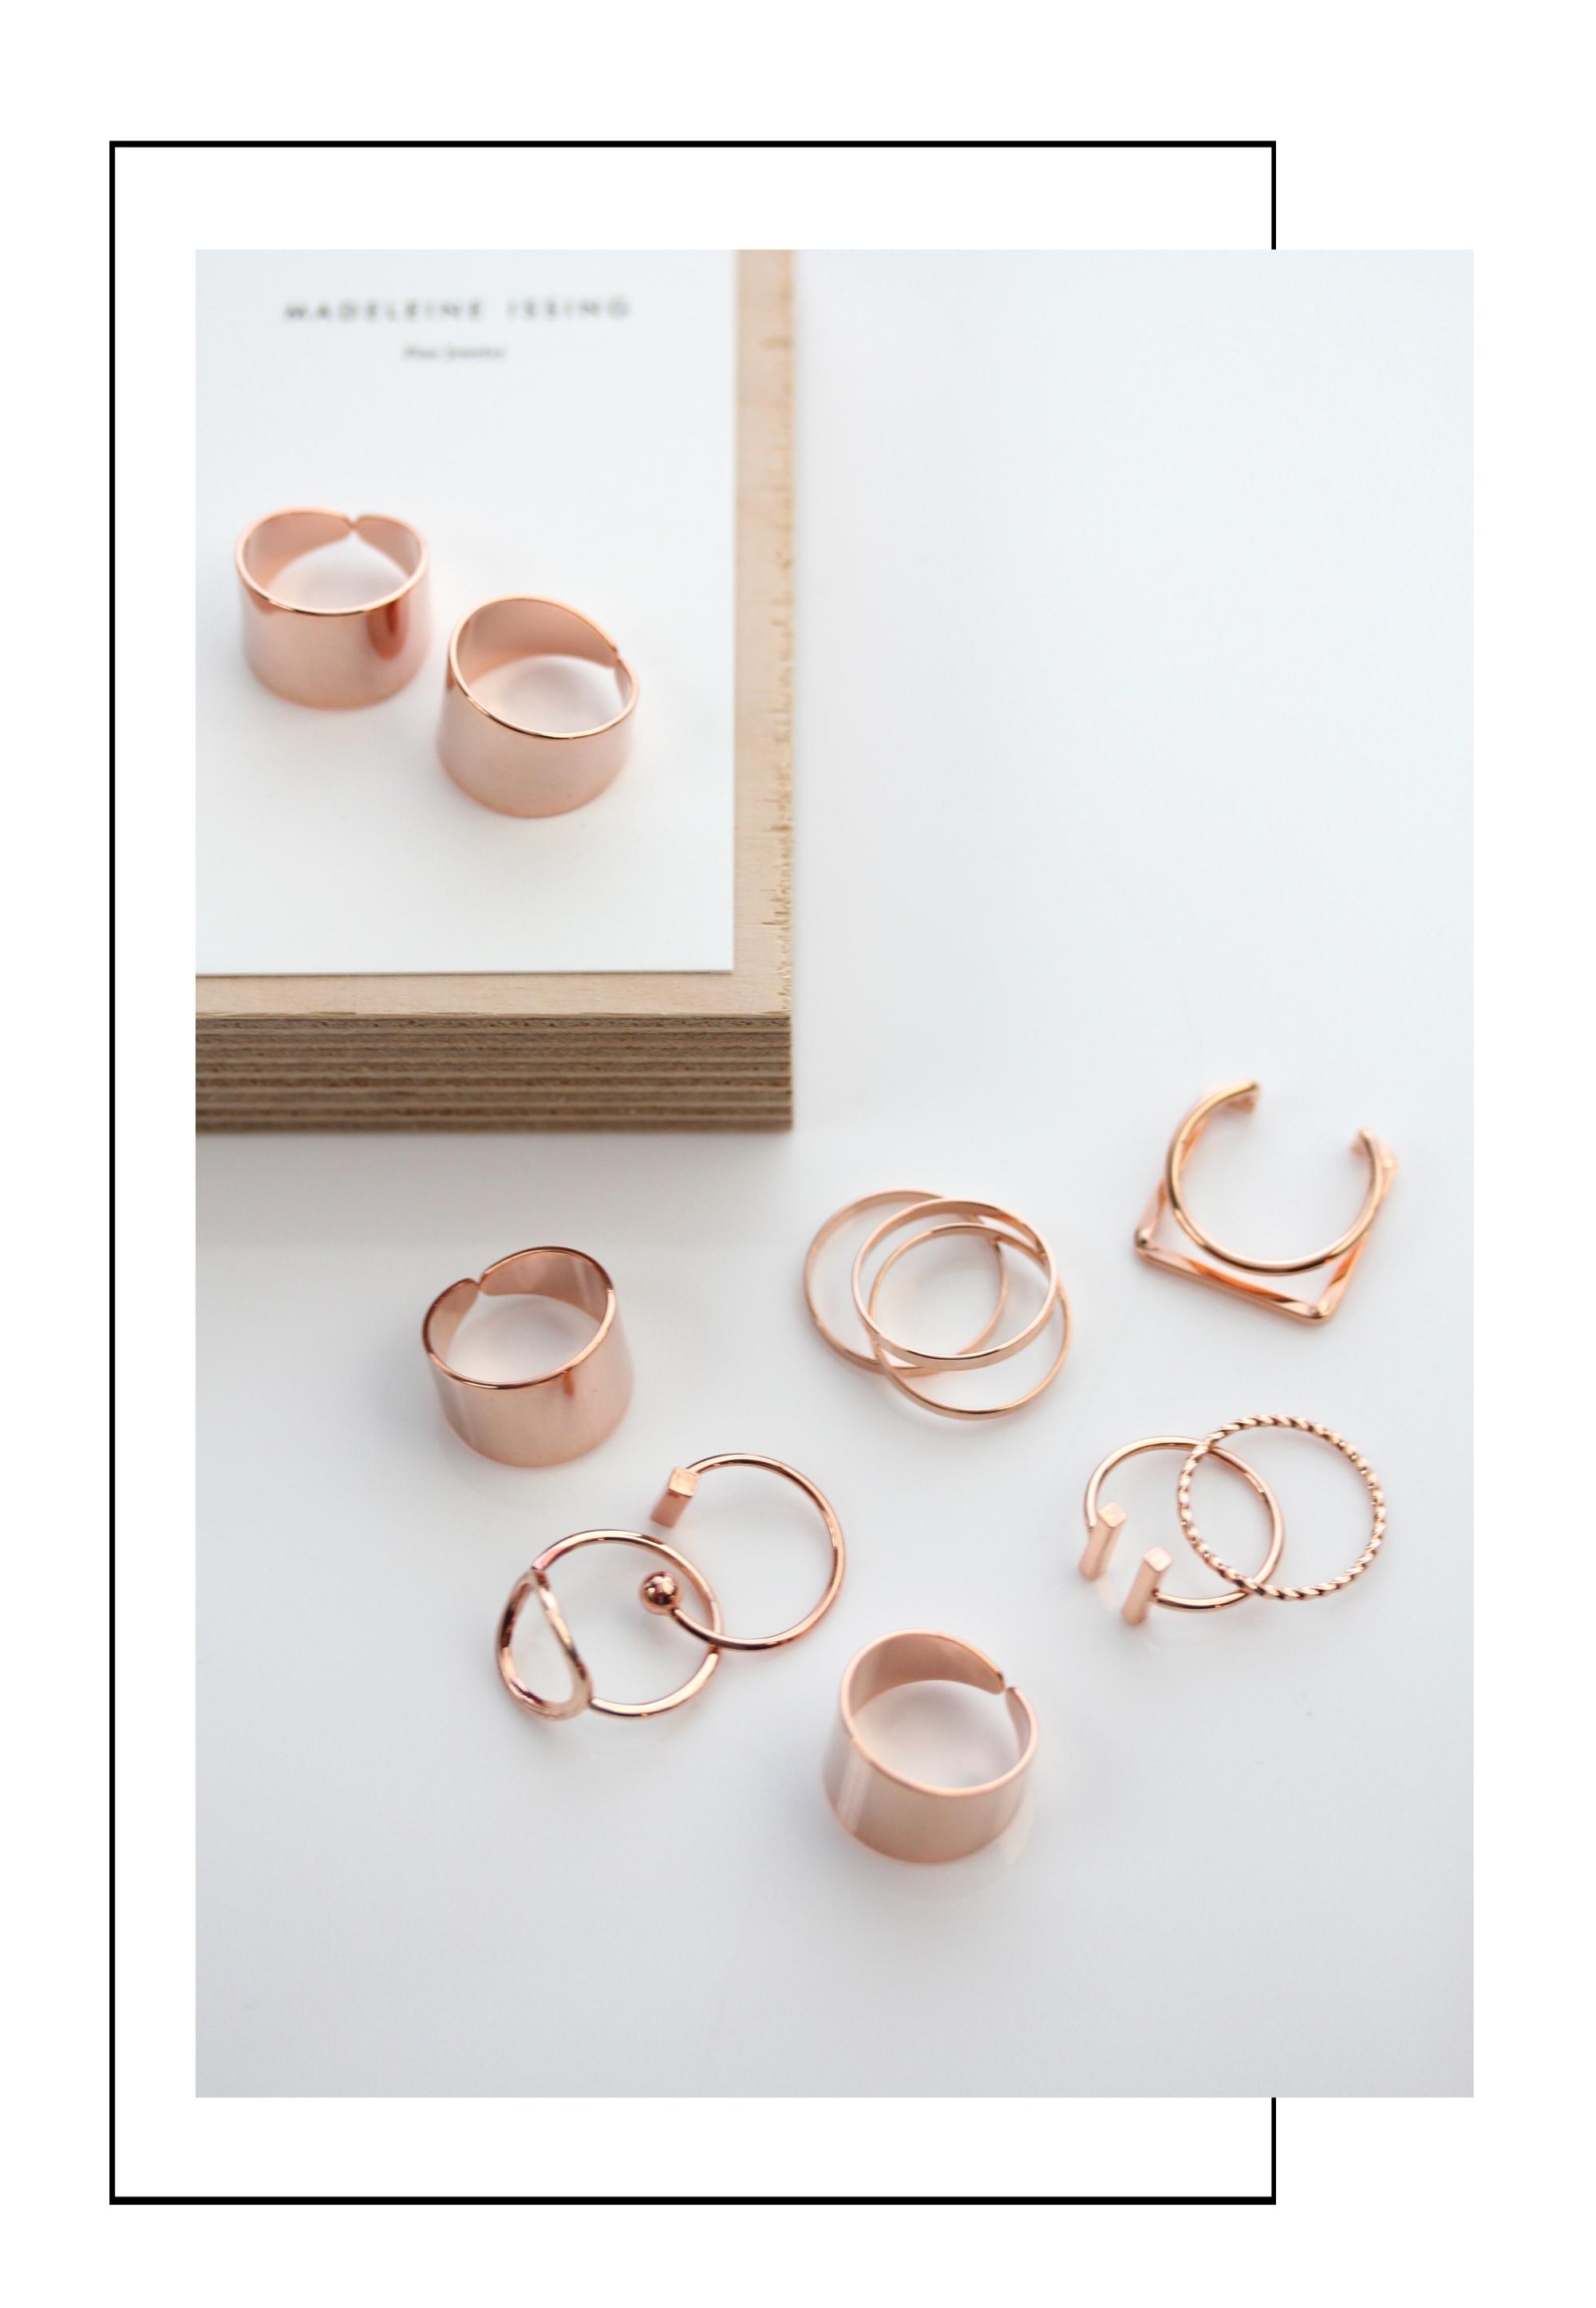 schlichte Rotgold Ringe für Damen Madeleine Issing